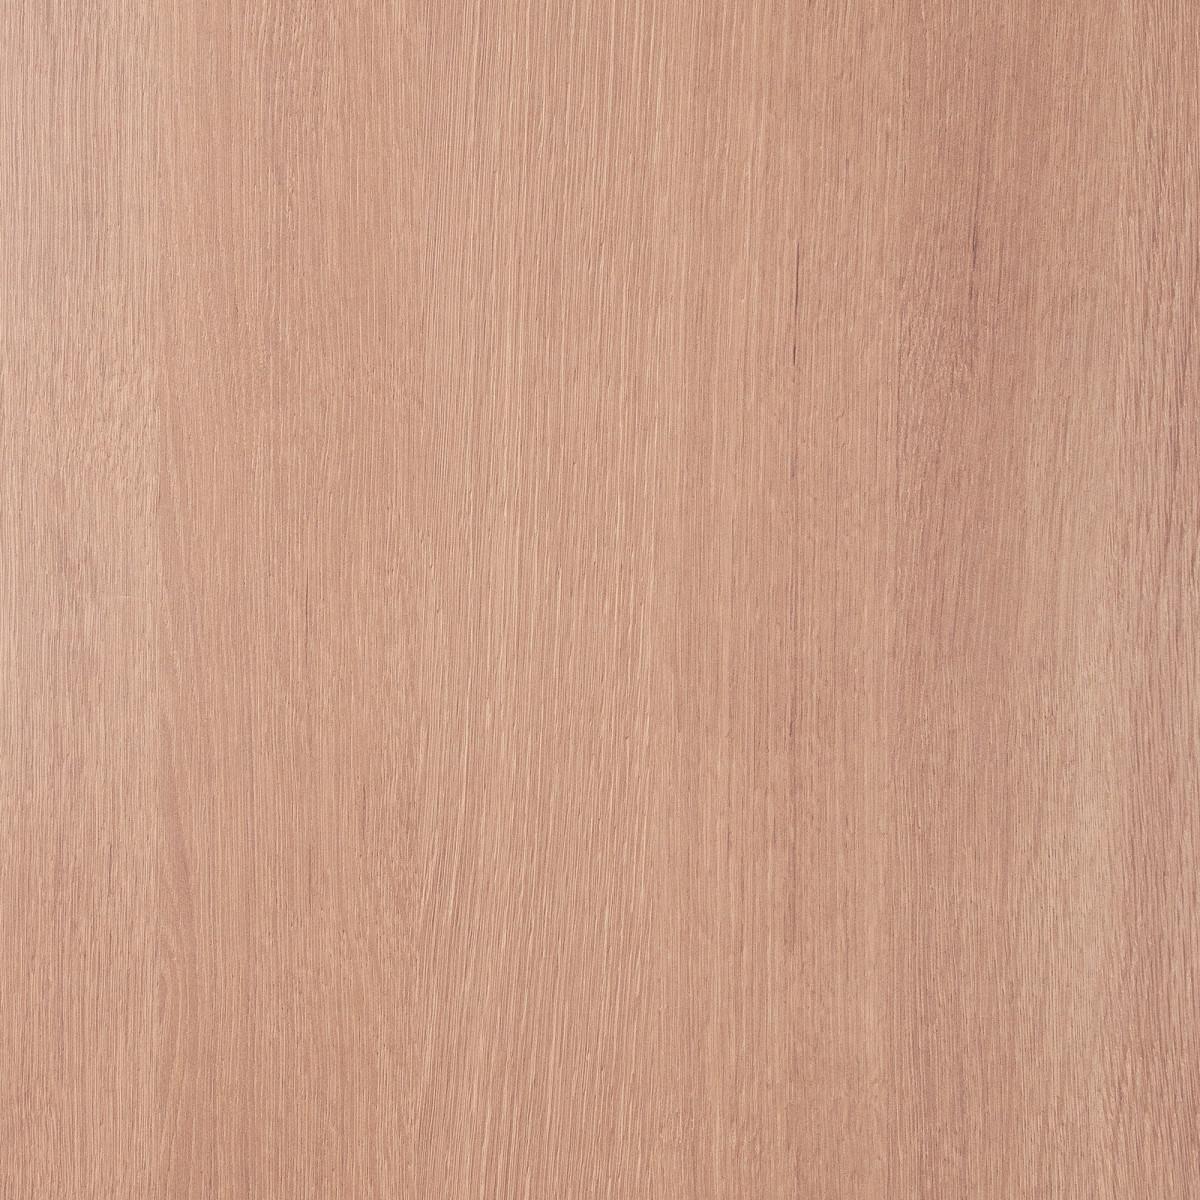 Дверь Межкомнатная Глухая 200Х90 Ламинация Цвет Дуб Селект